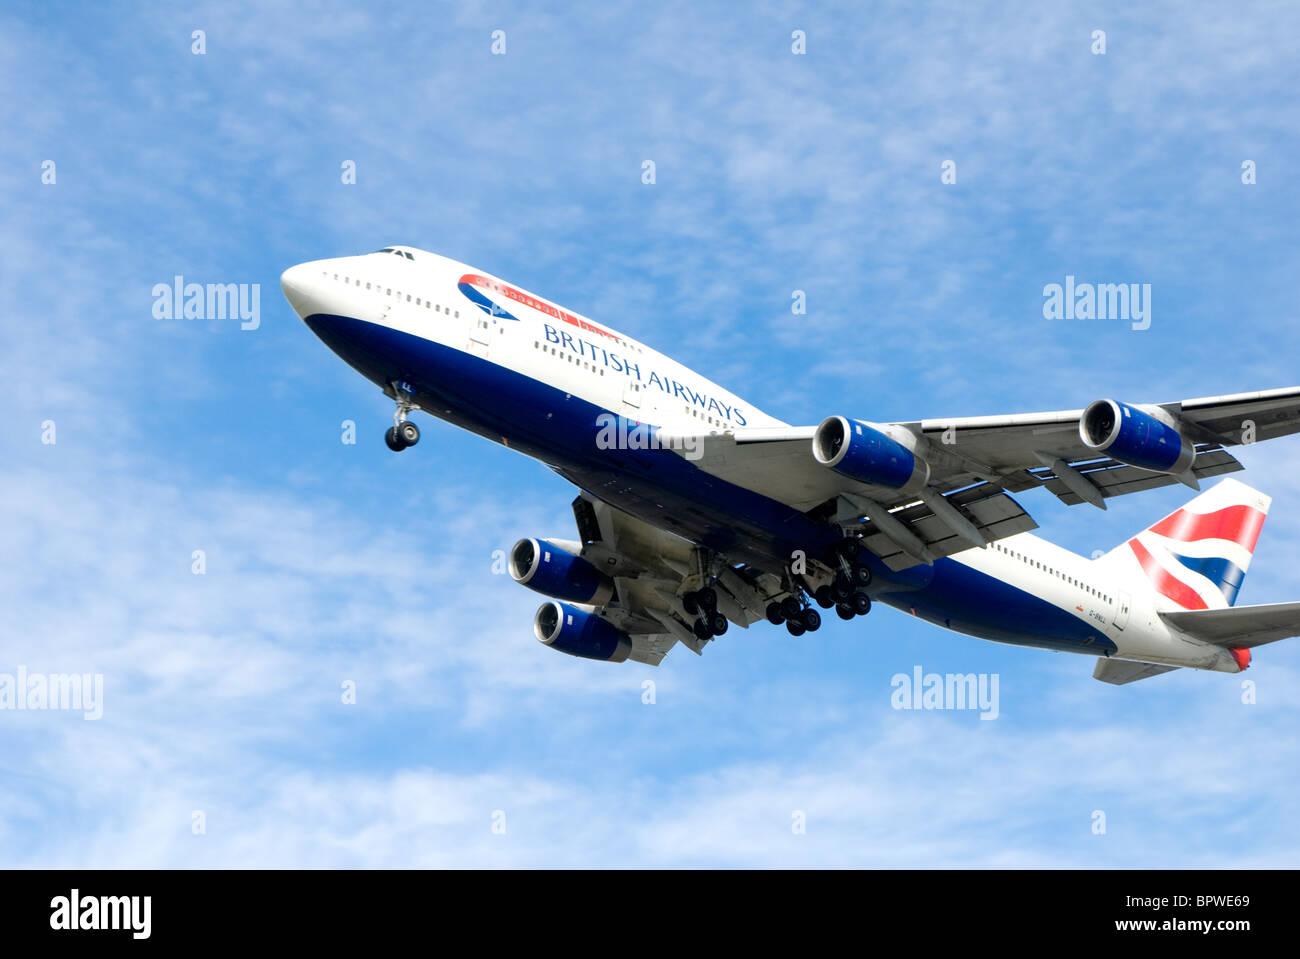 Avión de pasajeros de British Airways volando contra el cielo azul Foto de stock